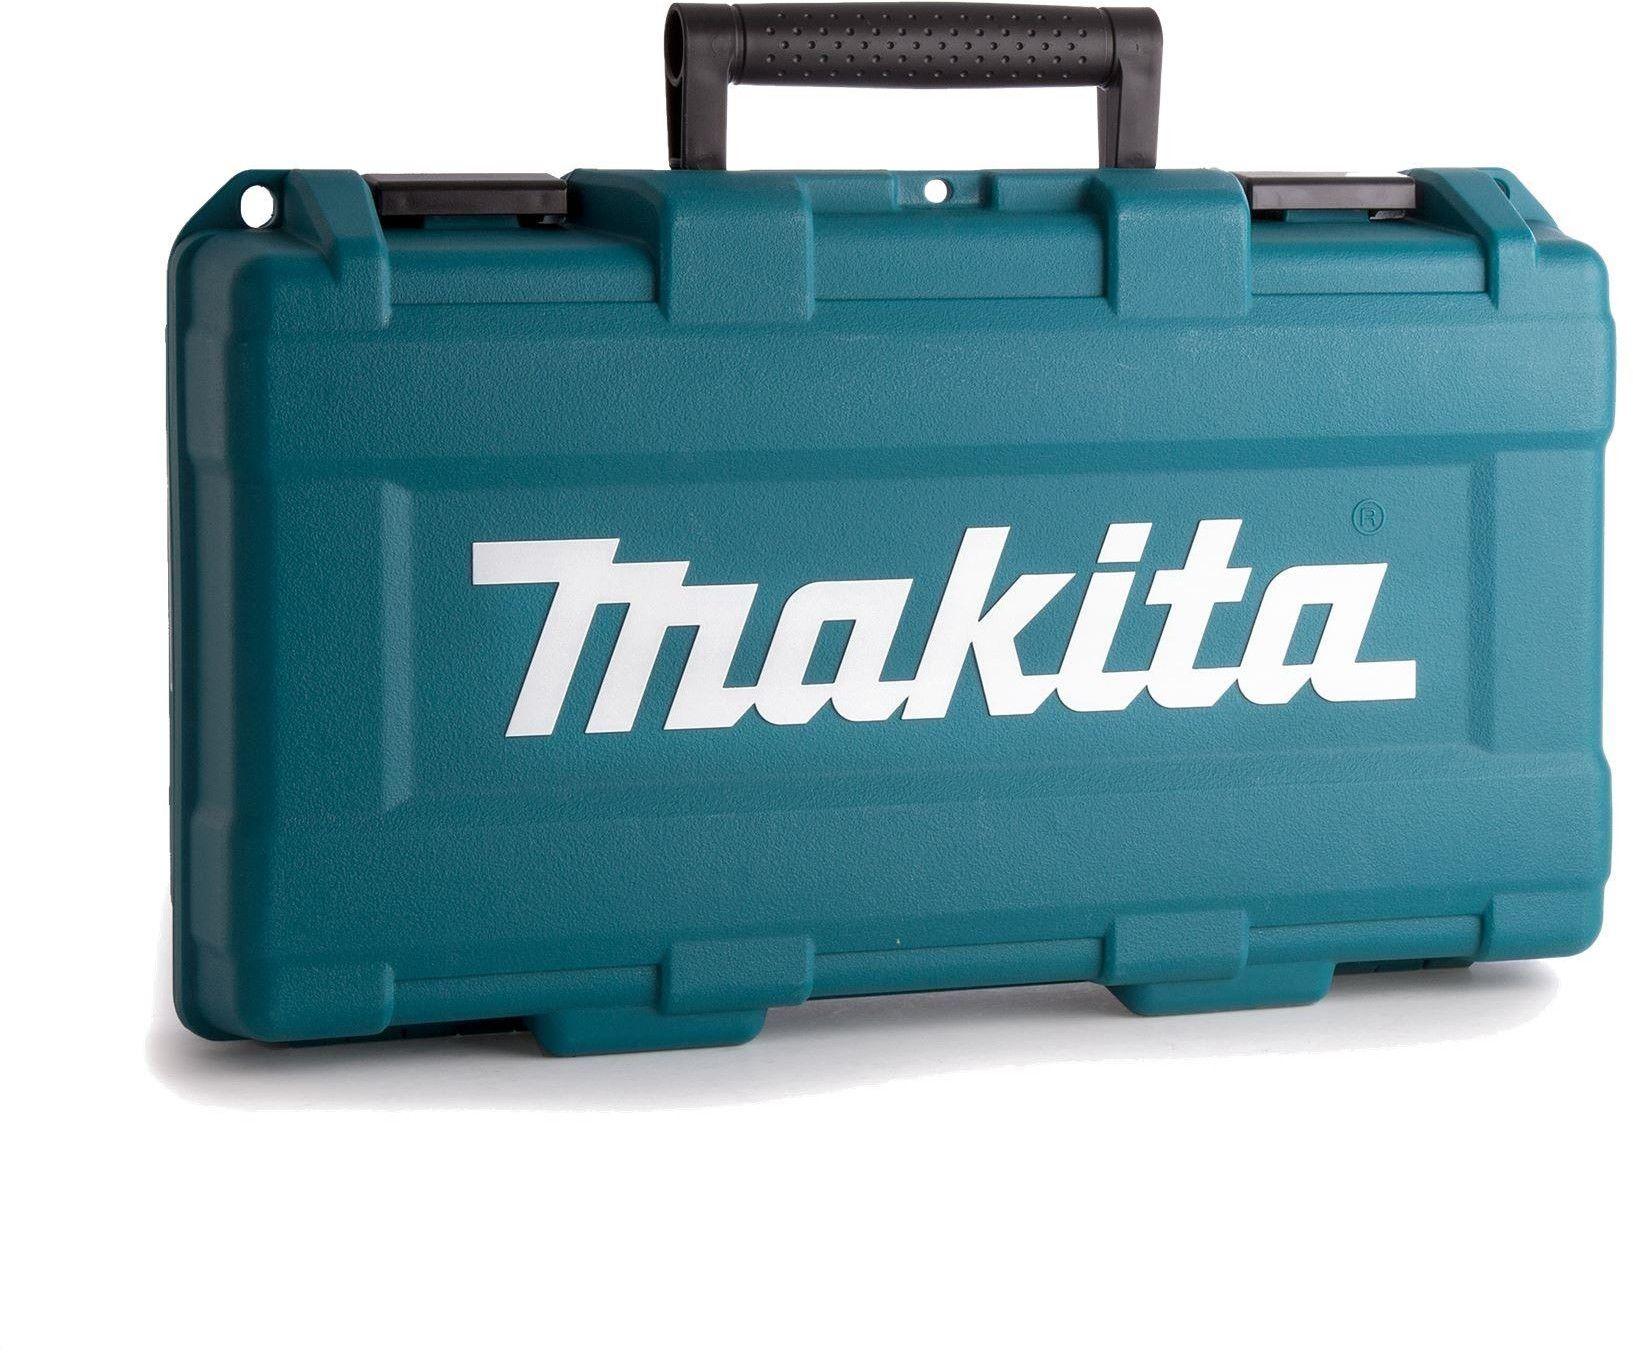 akumulatorowa piła szablasta 18V Li-Ion 2x5,0Ah Makita [DJR187RTE]